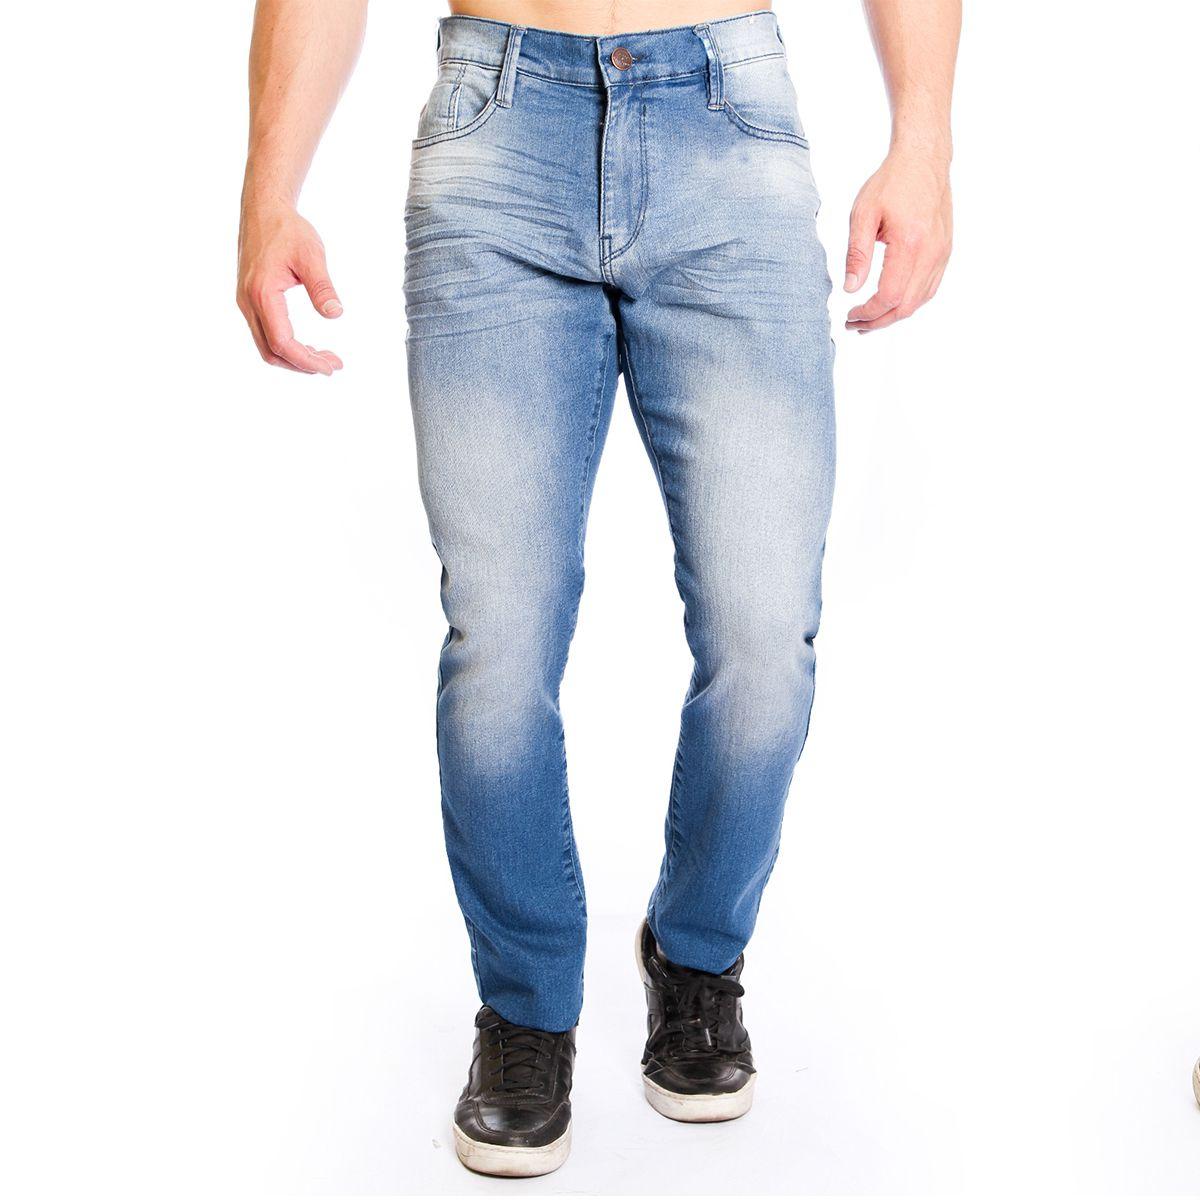 Calça Jeans Masculina Gangster 19.33.0183